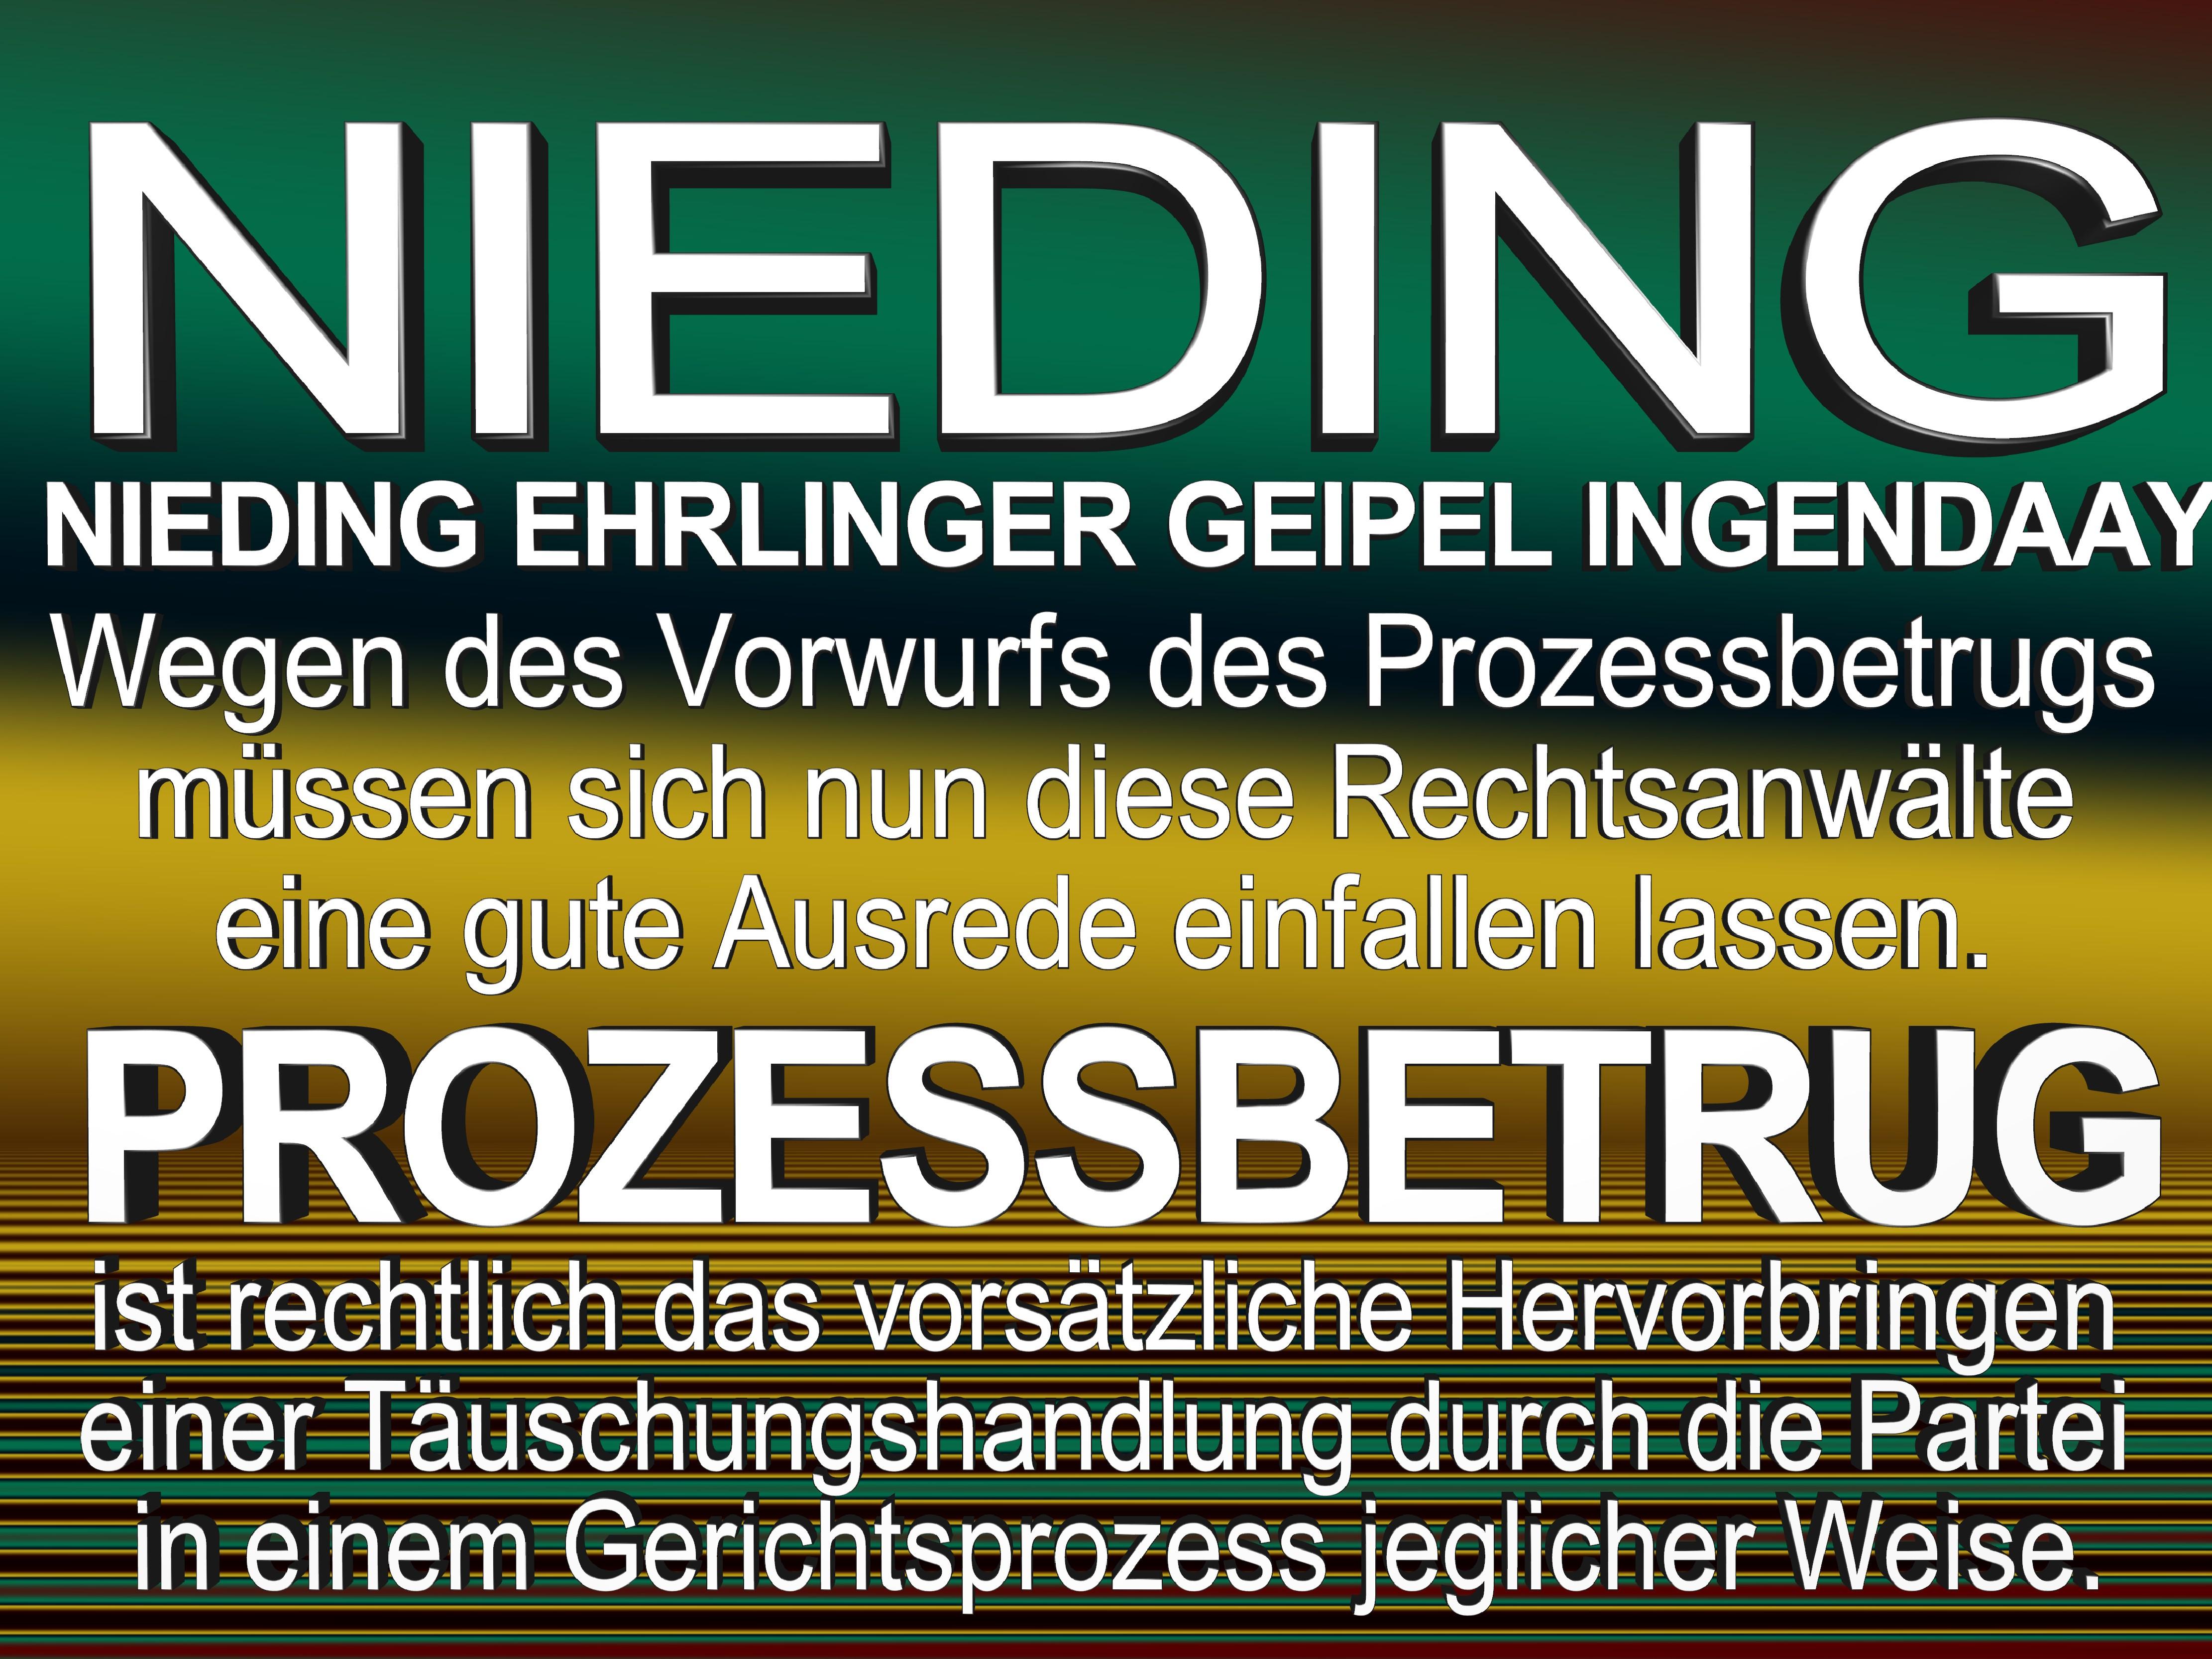 NIEDING EHRLINGER GEIPEL INGENDAAY LELKE Kurfürstendamm 66 Berlin (46)